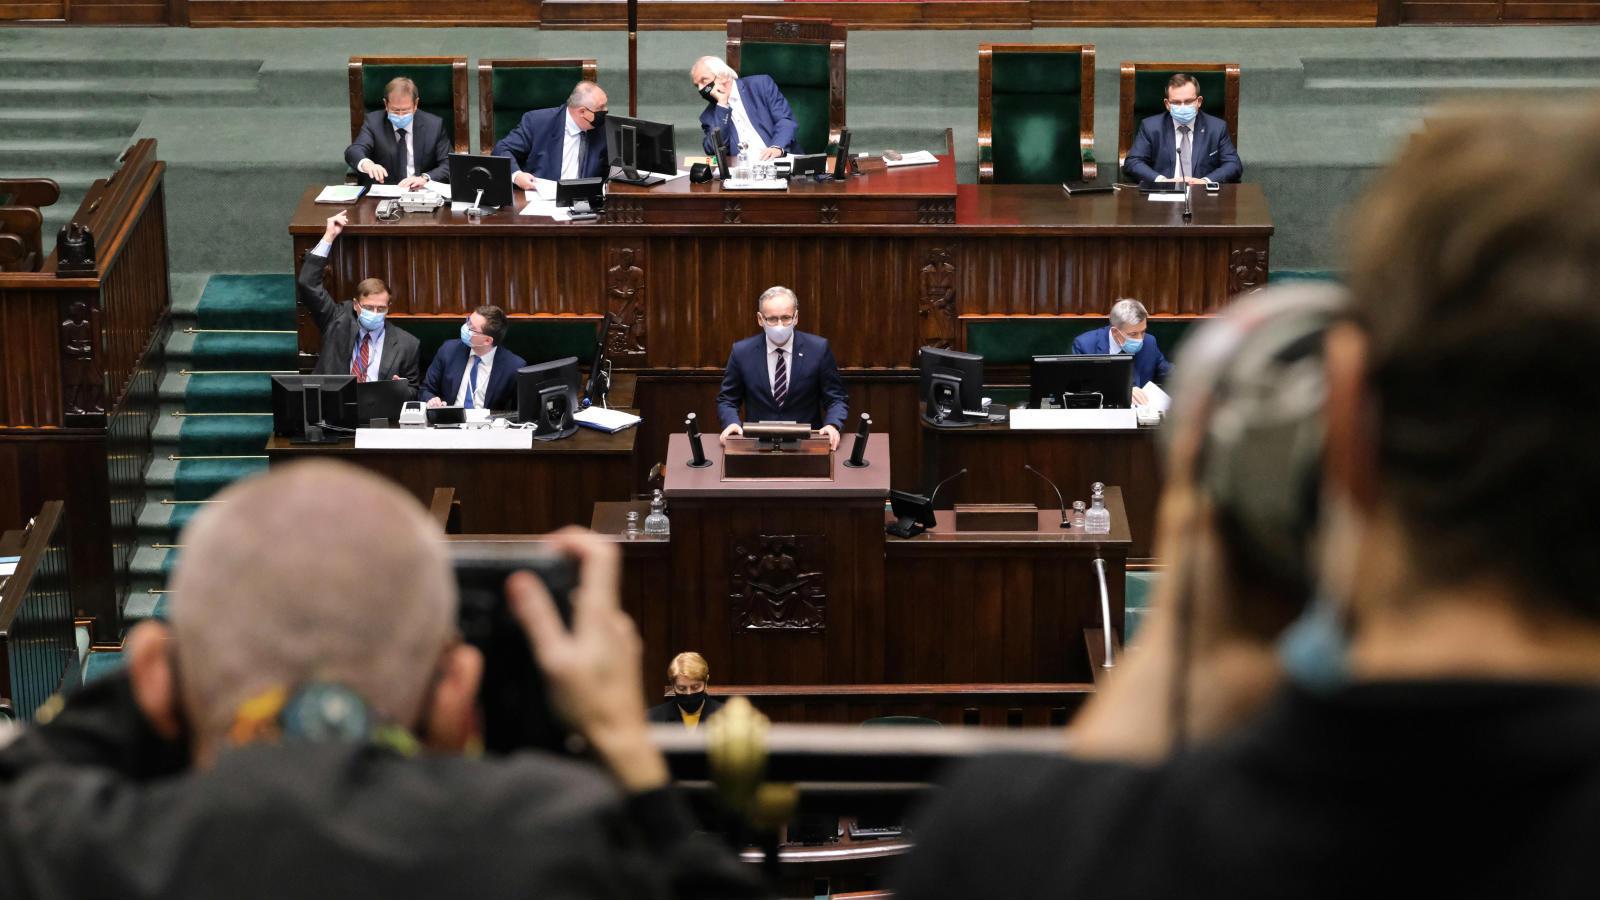 22.10.2020 | Sejm zdecydował w sprawie projektu ustawy covidowej. Większość poprawek opozycji odrzucono